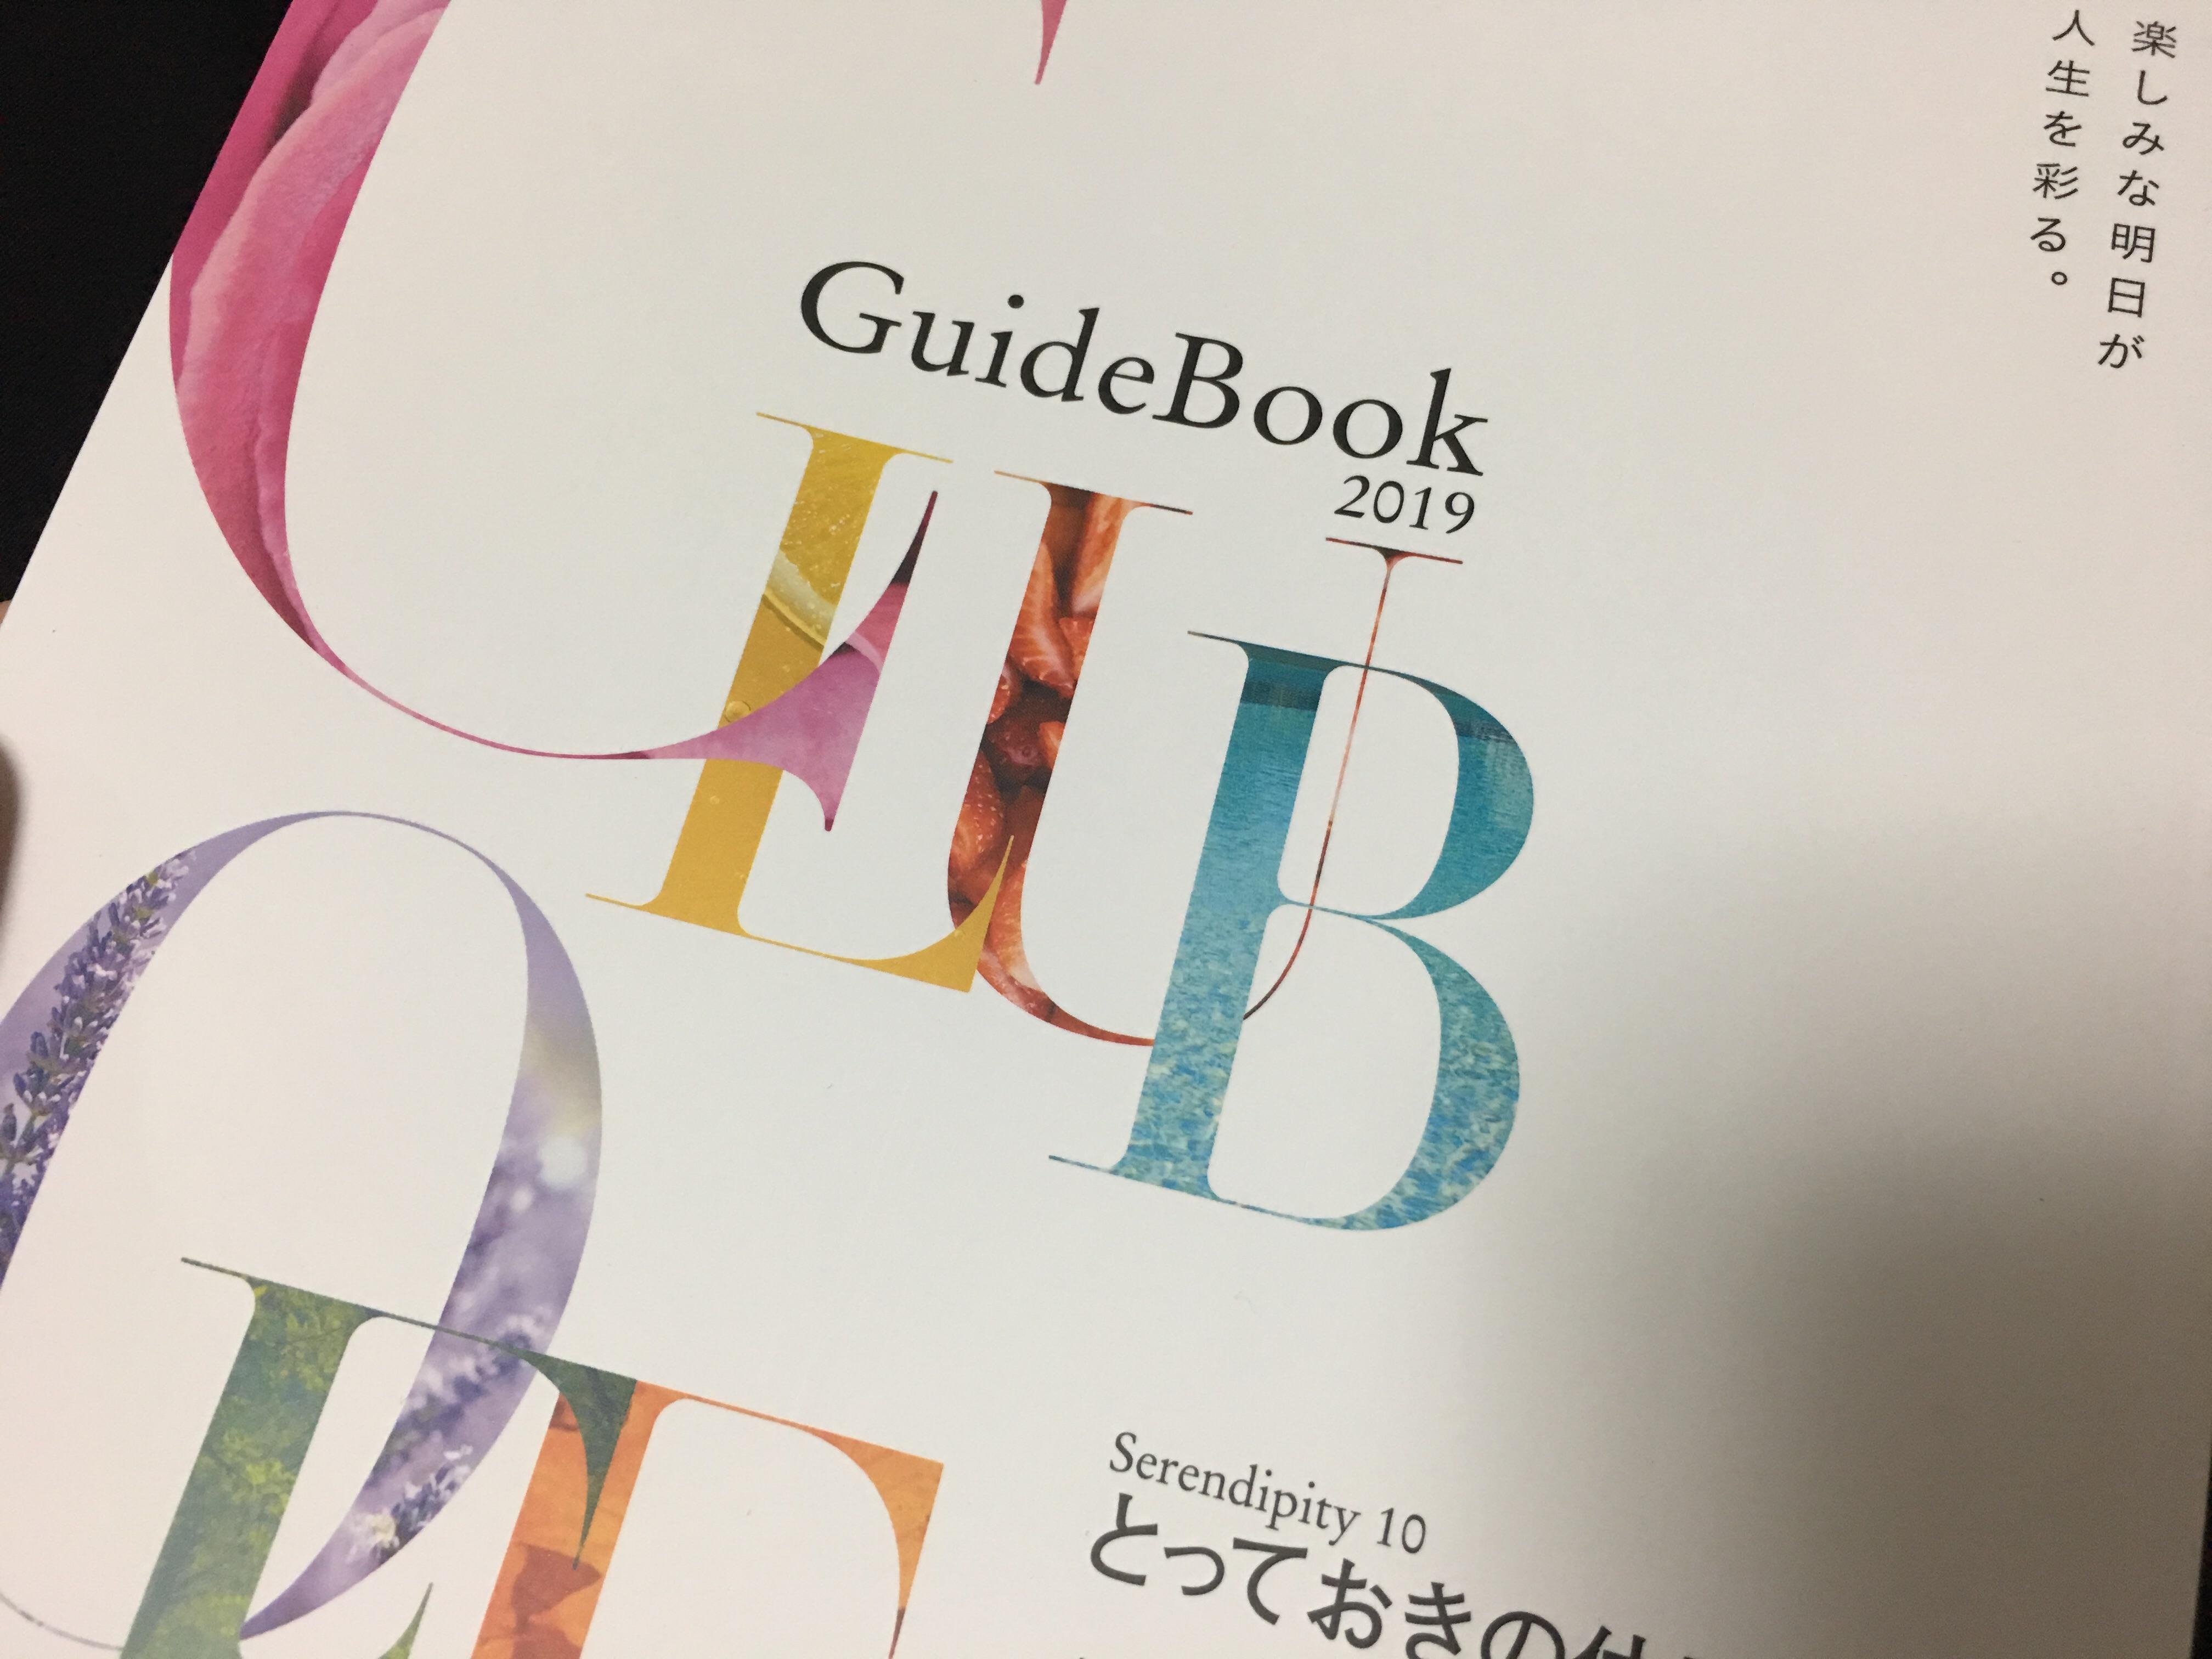 f:id:SeisoSakuya:20190504040850j:image